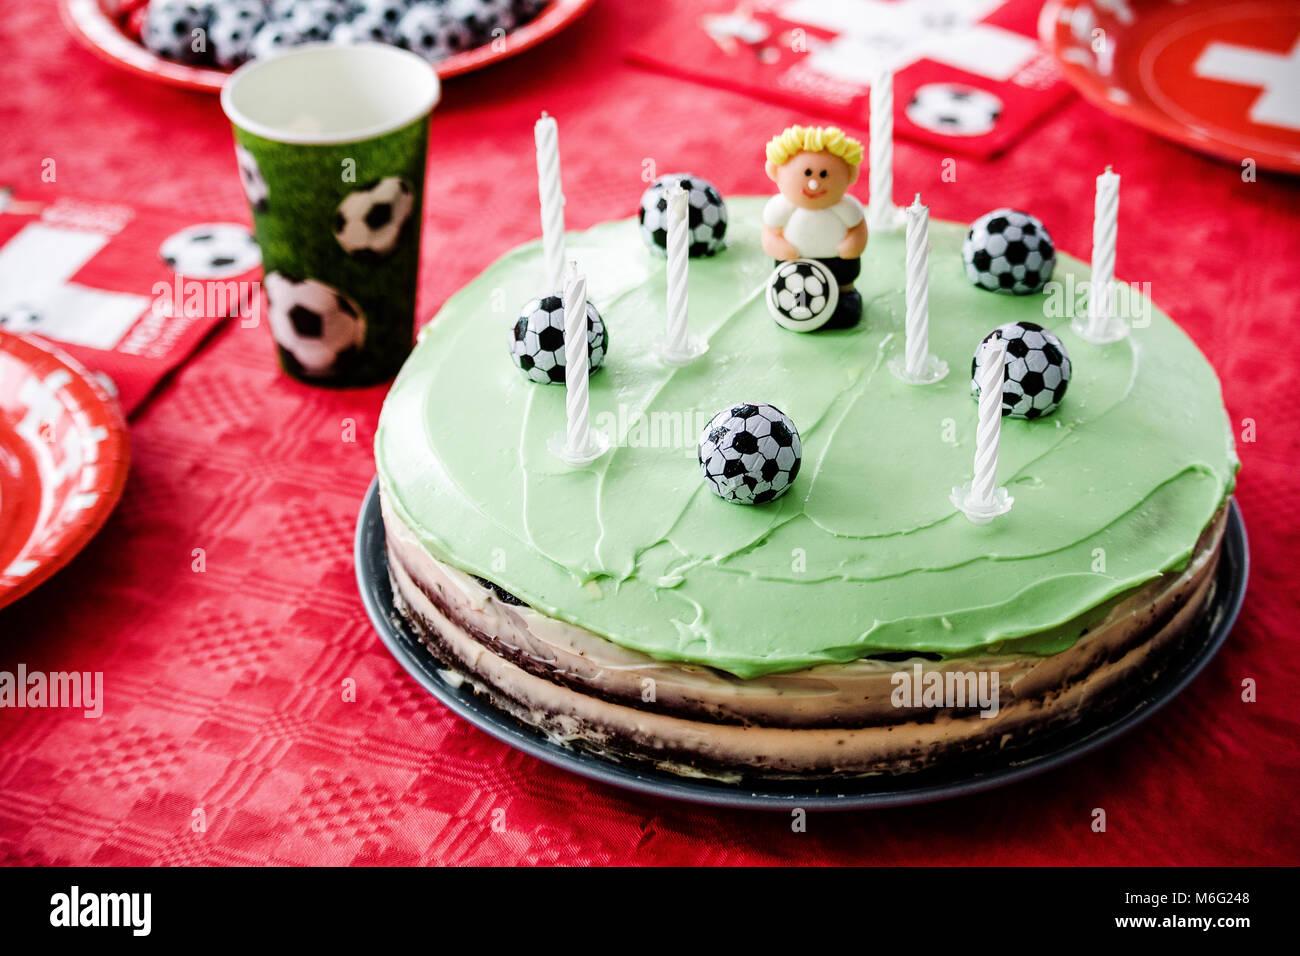 Kindergeburtstag Fussball Thema Schokolade Kuchen Wie